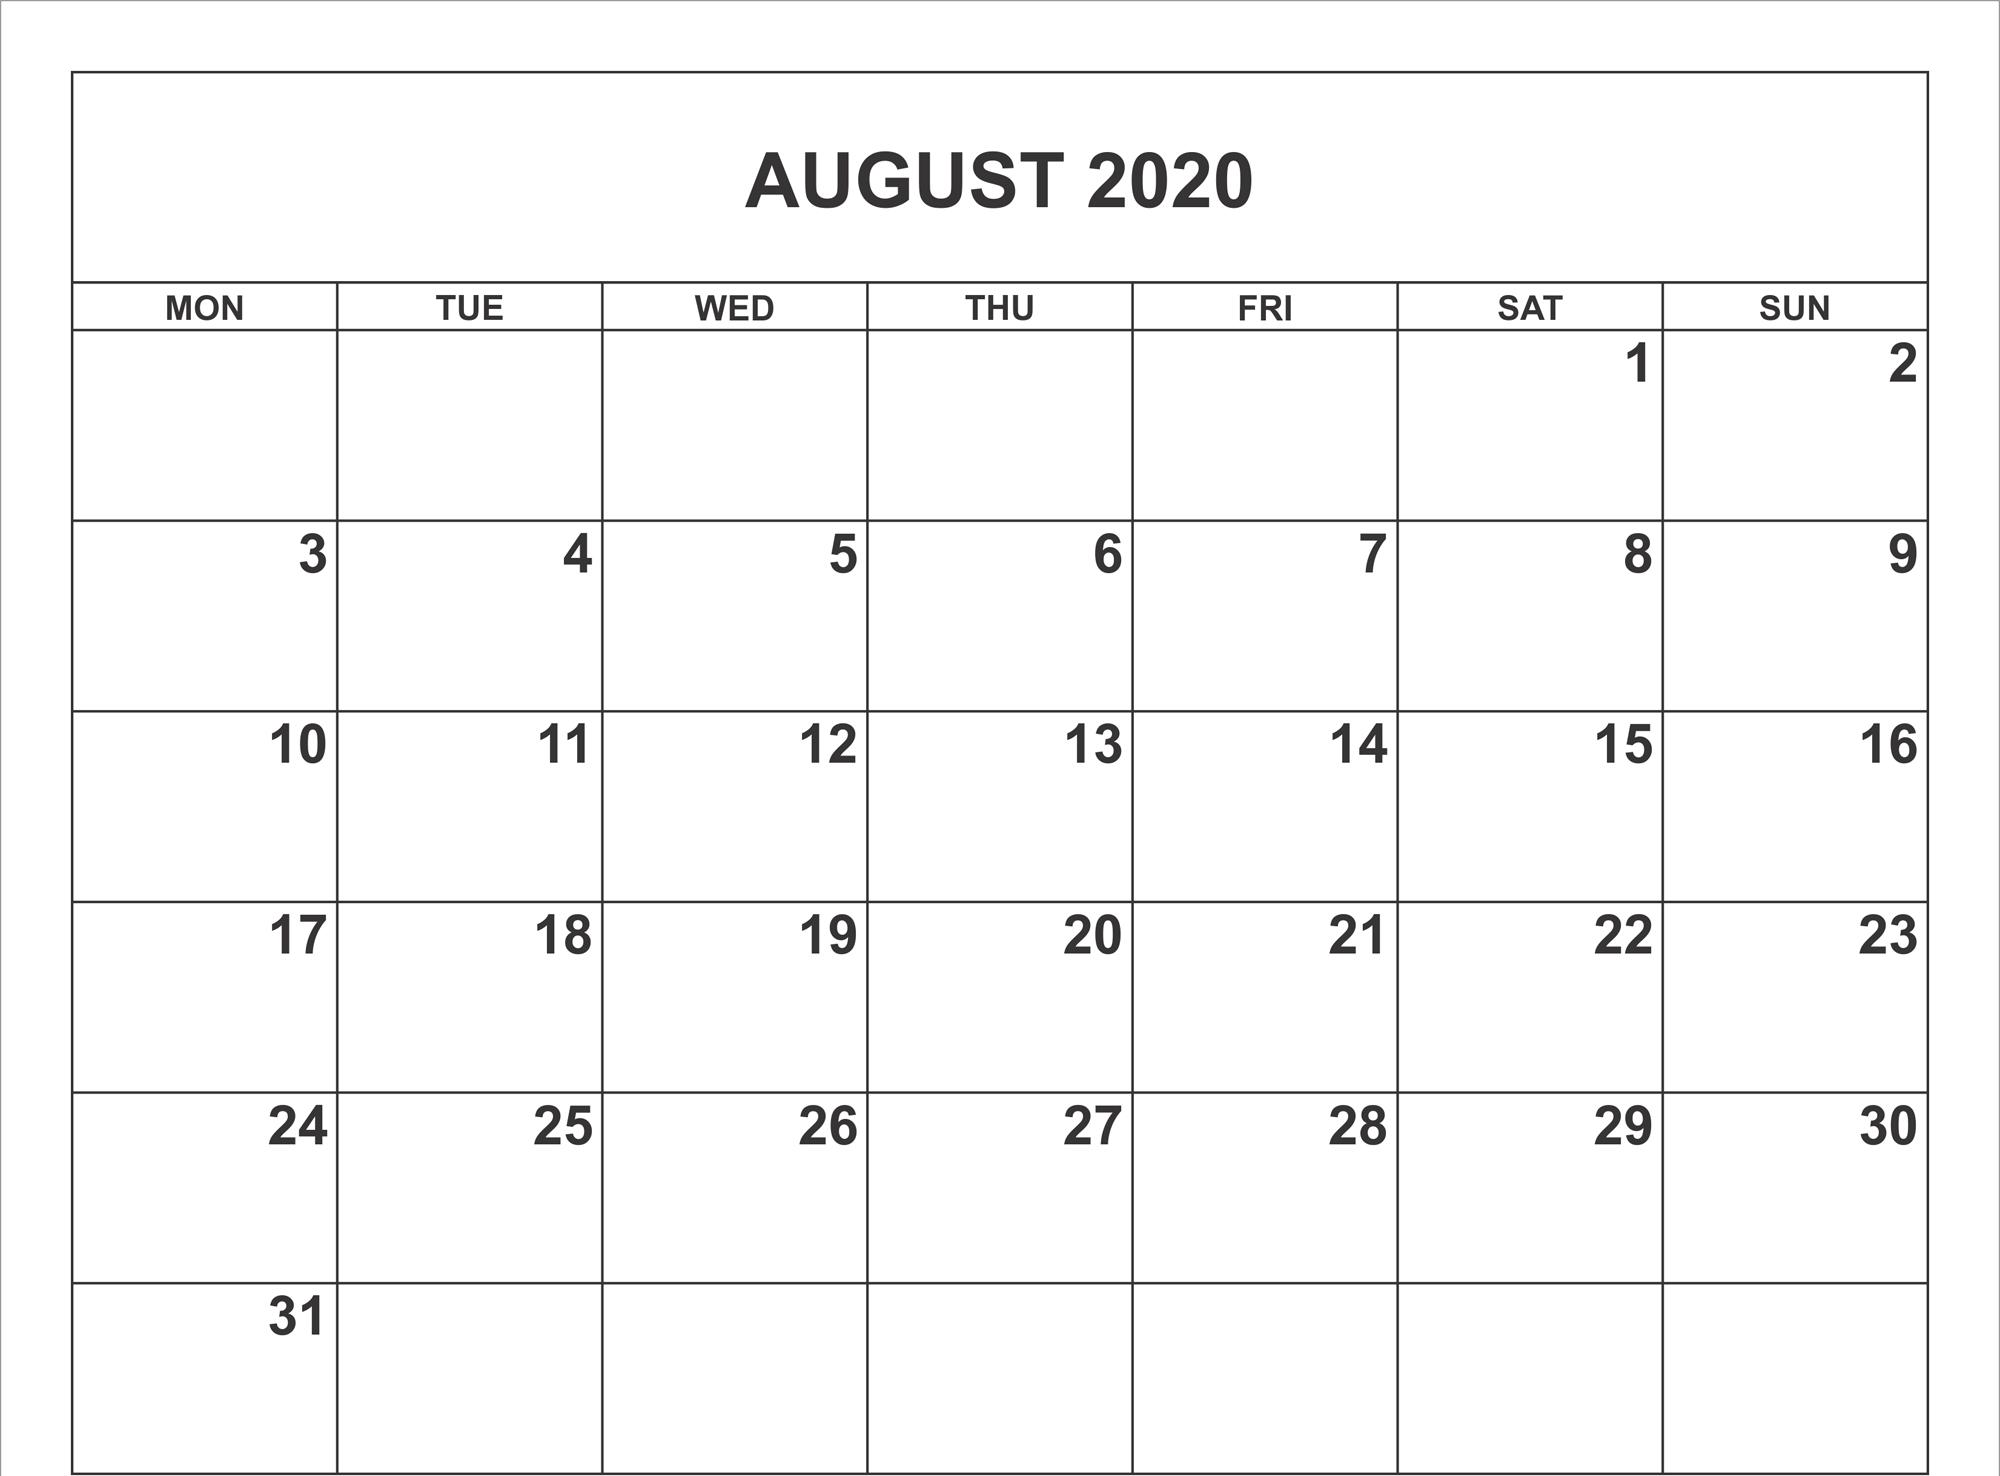 August 2020 Calendar Pdf, Word, Excel Template in August 2020 Calendar Printable